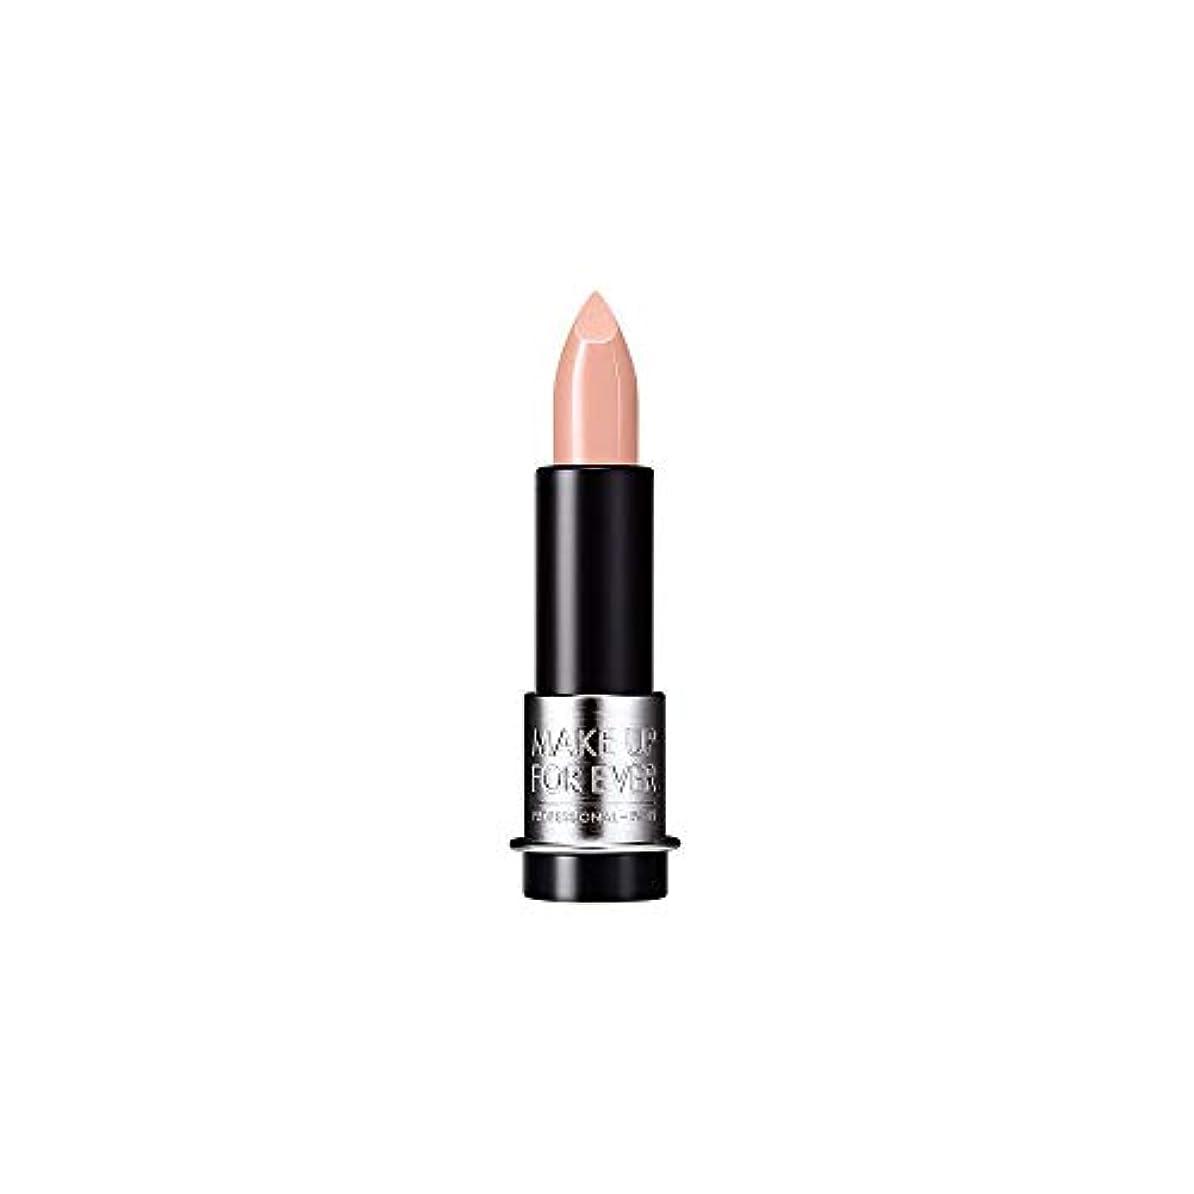 ばかげた真鍮ステンレス[MAKE UP FOR EVER] ヌードベージュ - これまでアーティストルージュクリーム口紅3.5グラムのC103を補います - MAKE UP FOR EVER Artist Rouge Creme Lipstick...